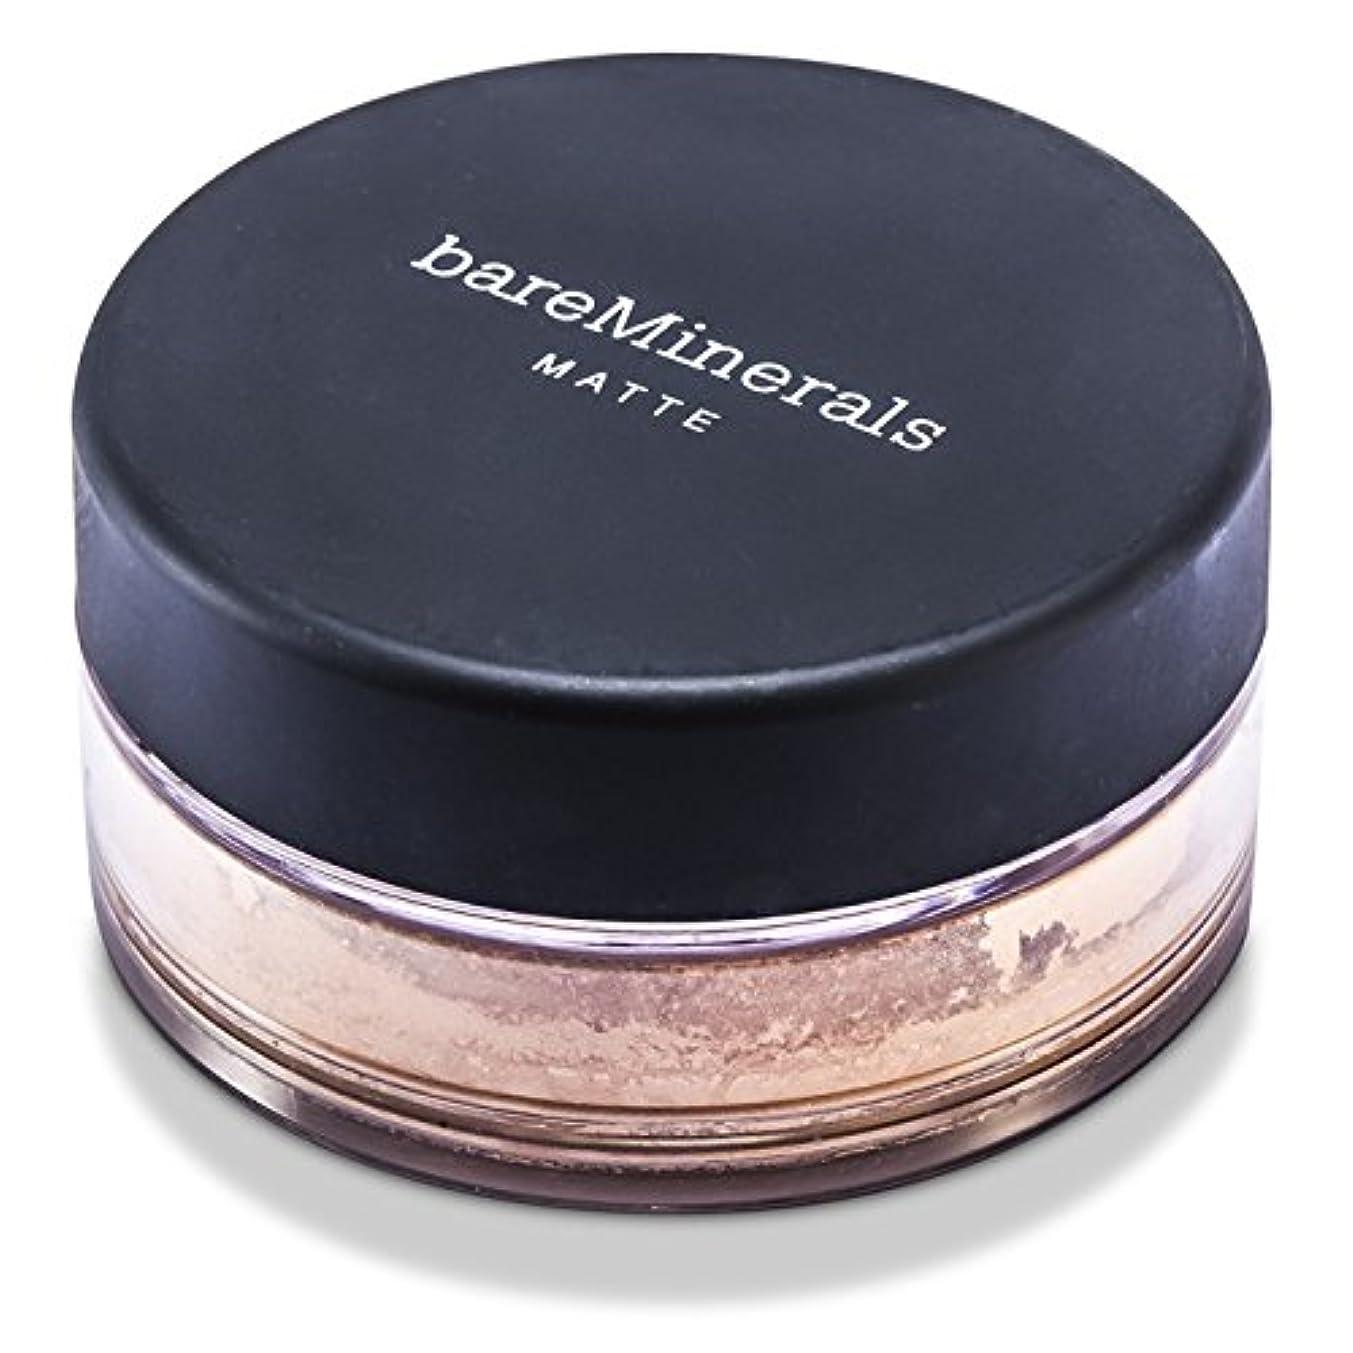 マダムベンチ既にBareMinerals ベアミネラル マット ファンデーション SPF15 - Medium Beige 6g/0.21oz並行輸入品